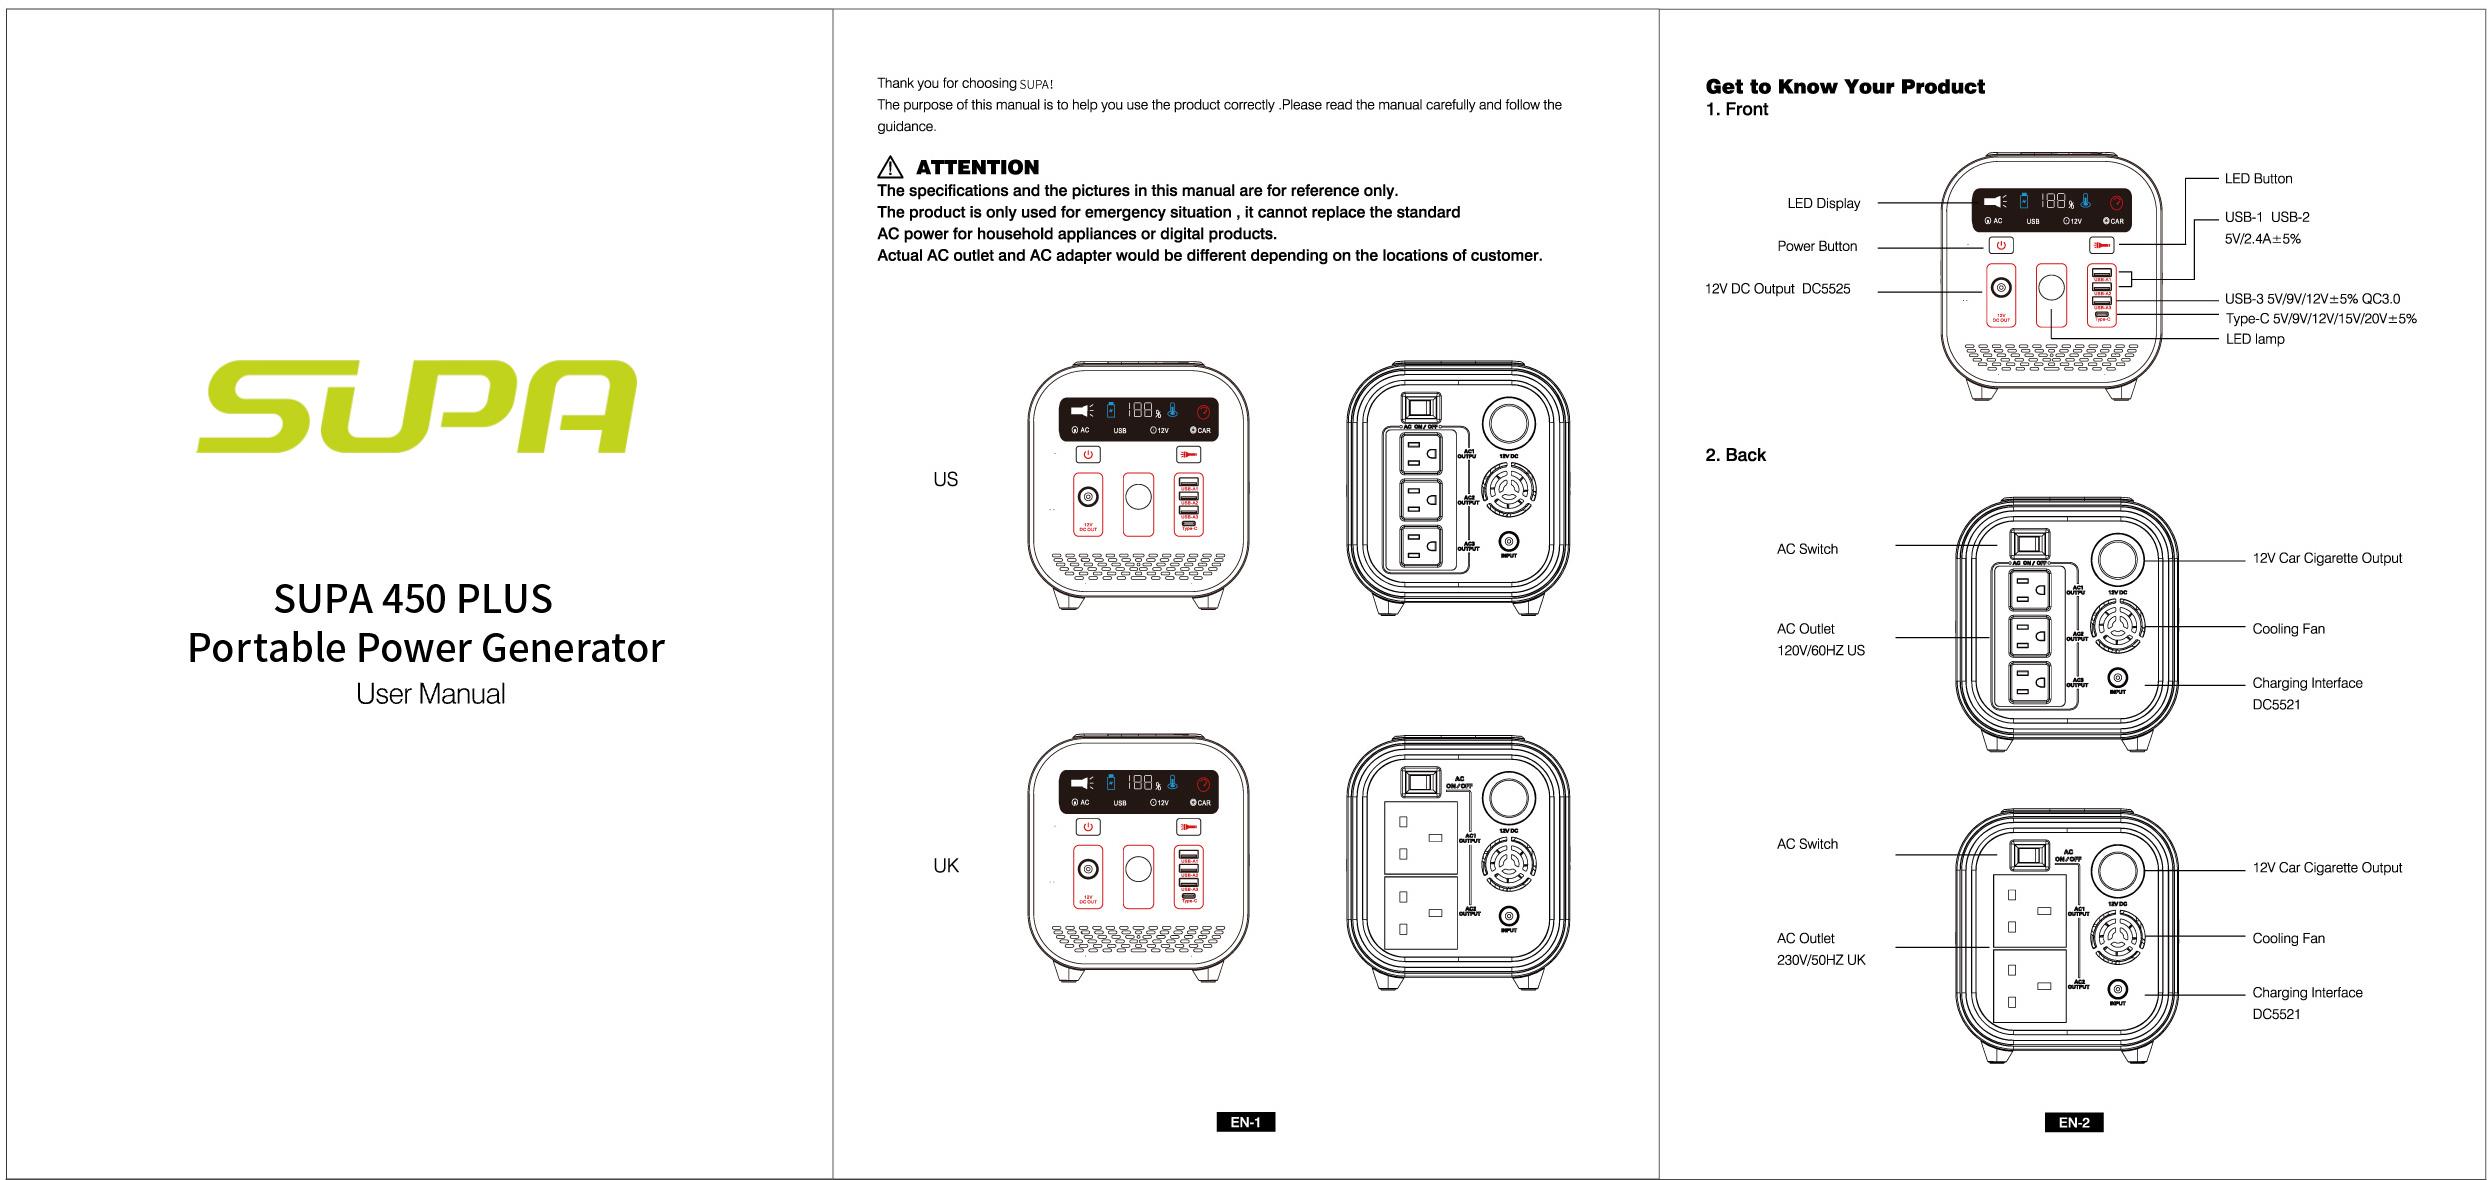 SUPA 450 PLUS User Manual